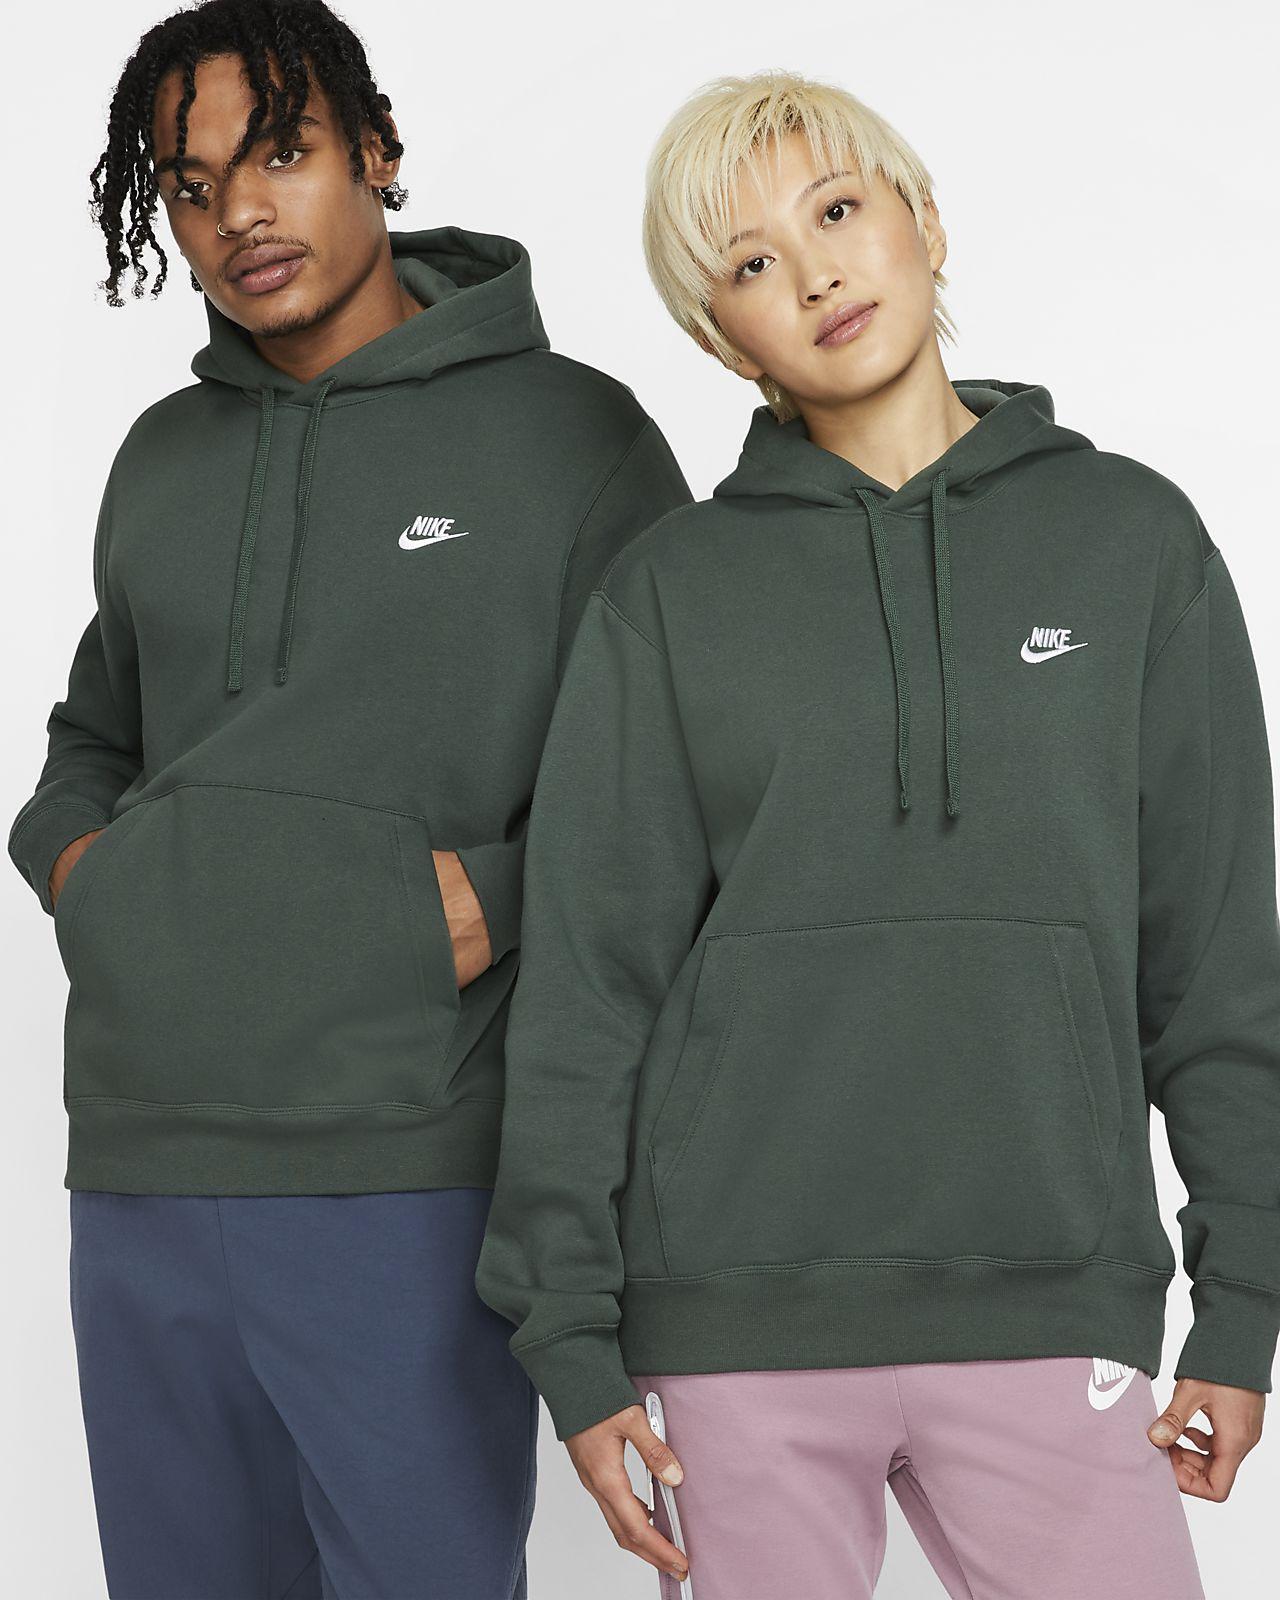 dessin de mode pour toute la famille matériau sélectionné Nike Sportswear Club Fleece Pullover Hoodie